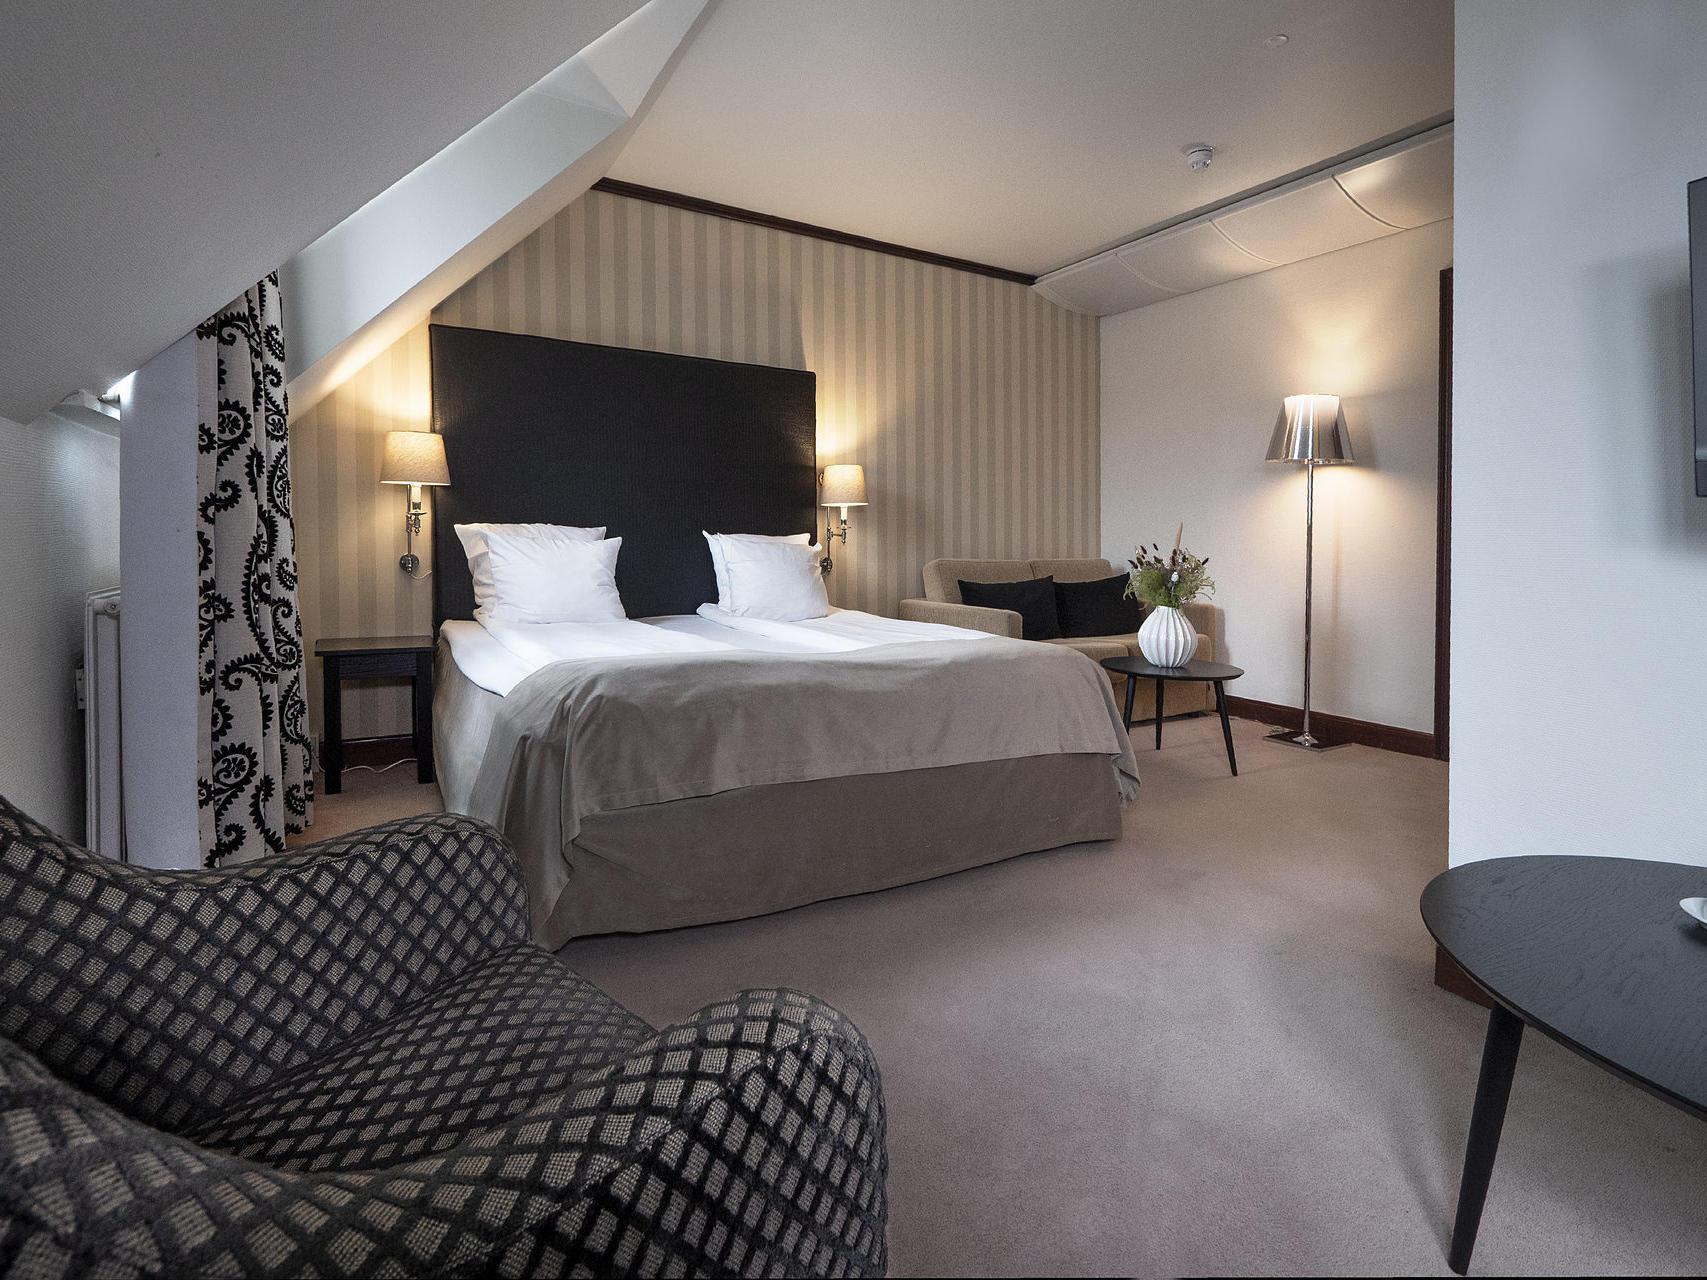 Deluxe King Room at Hotel Mayfair Copenhagen